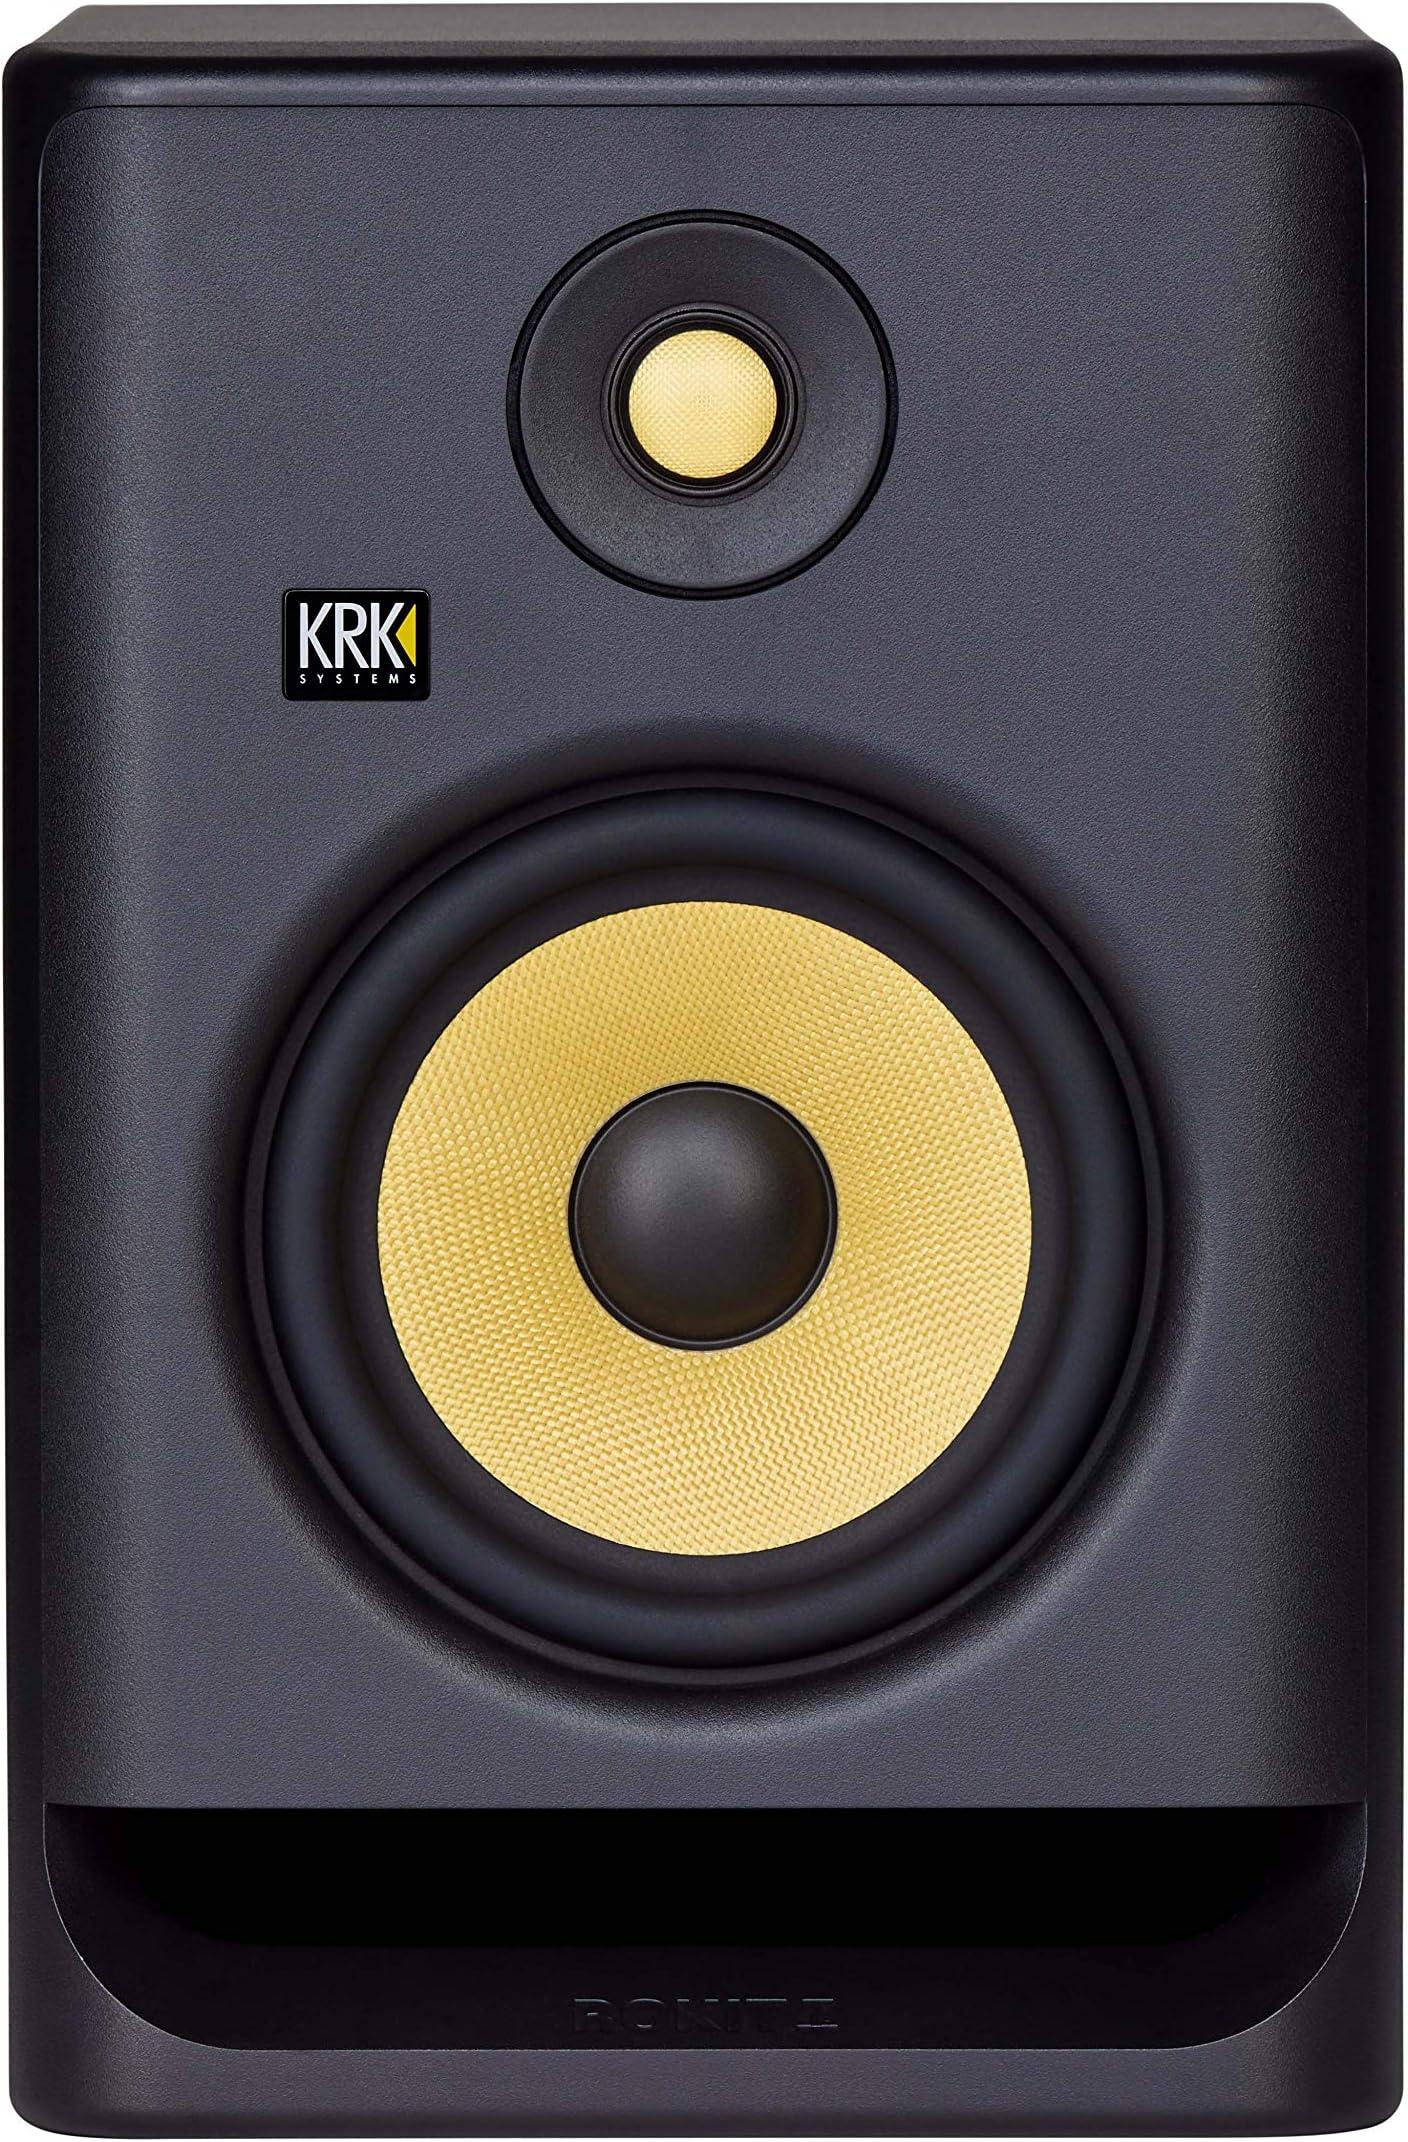 """KRK RP7 Rokit G4 Professional Bi-Amp 7"""" Powered Studio Monitor, Black (RP7G4)"""